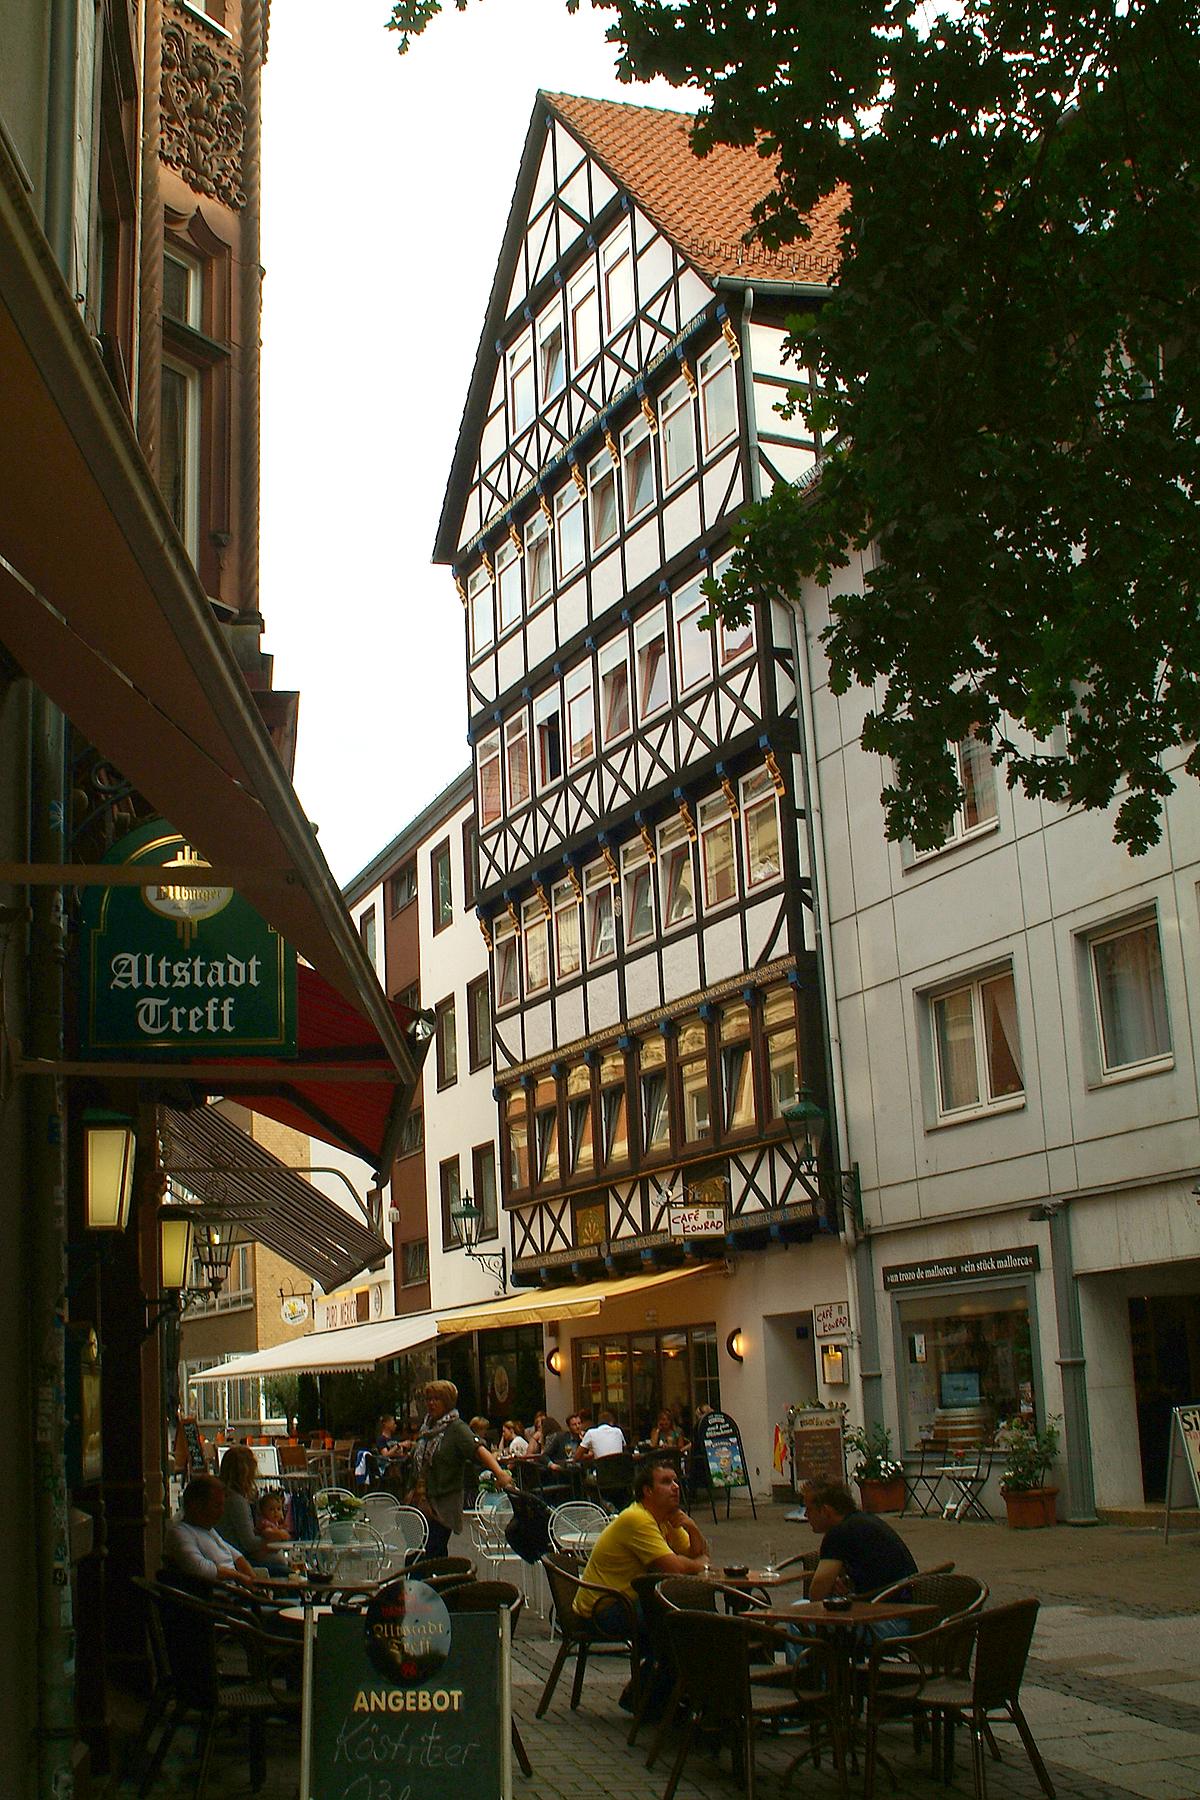 Restaurant Und Cafe Am M Ef Bf Bdndesee